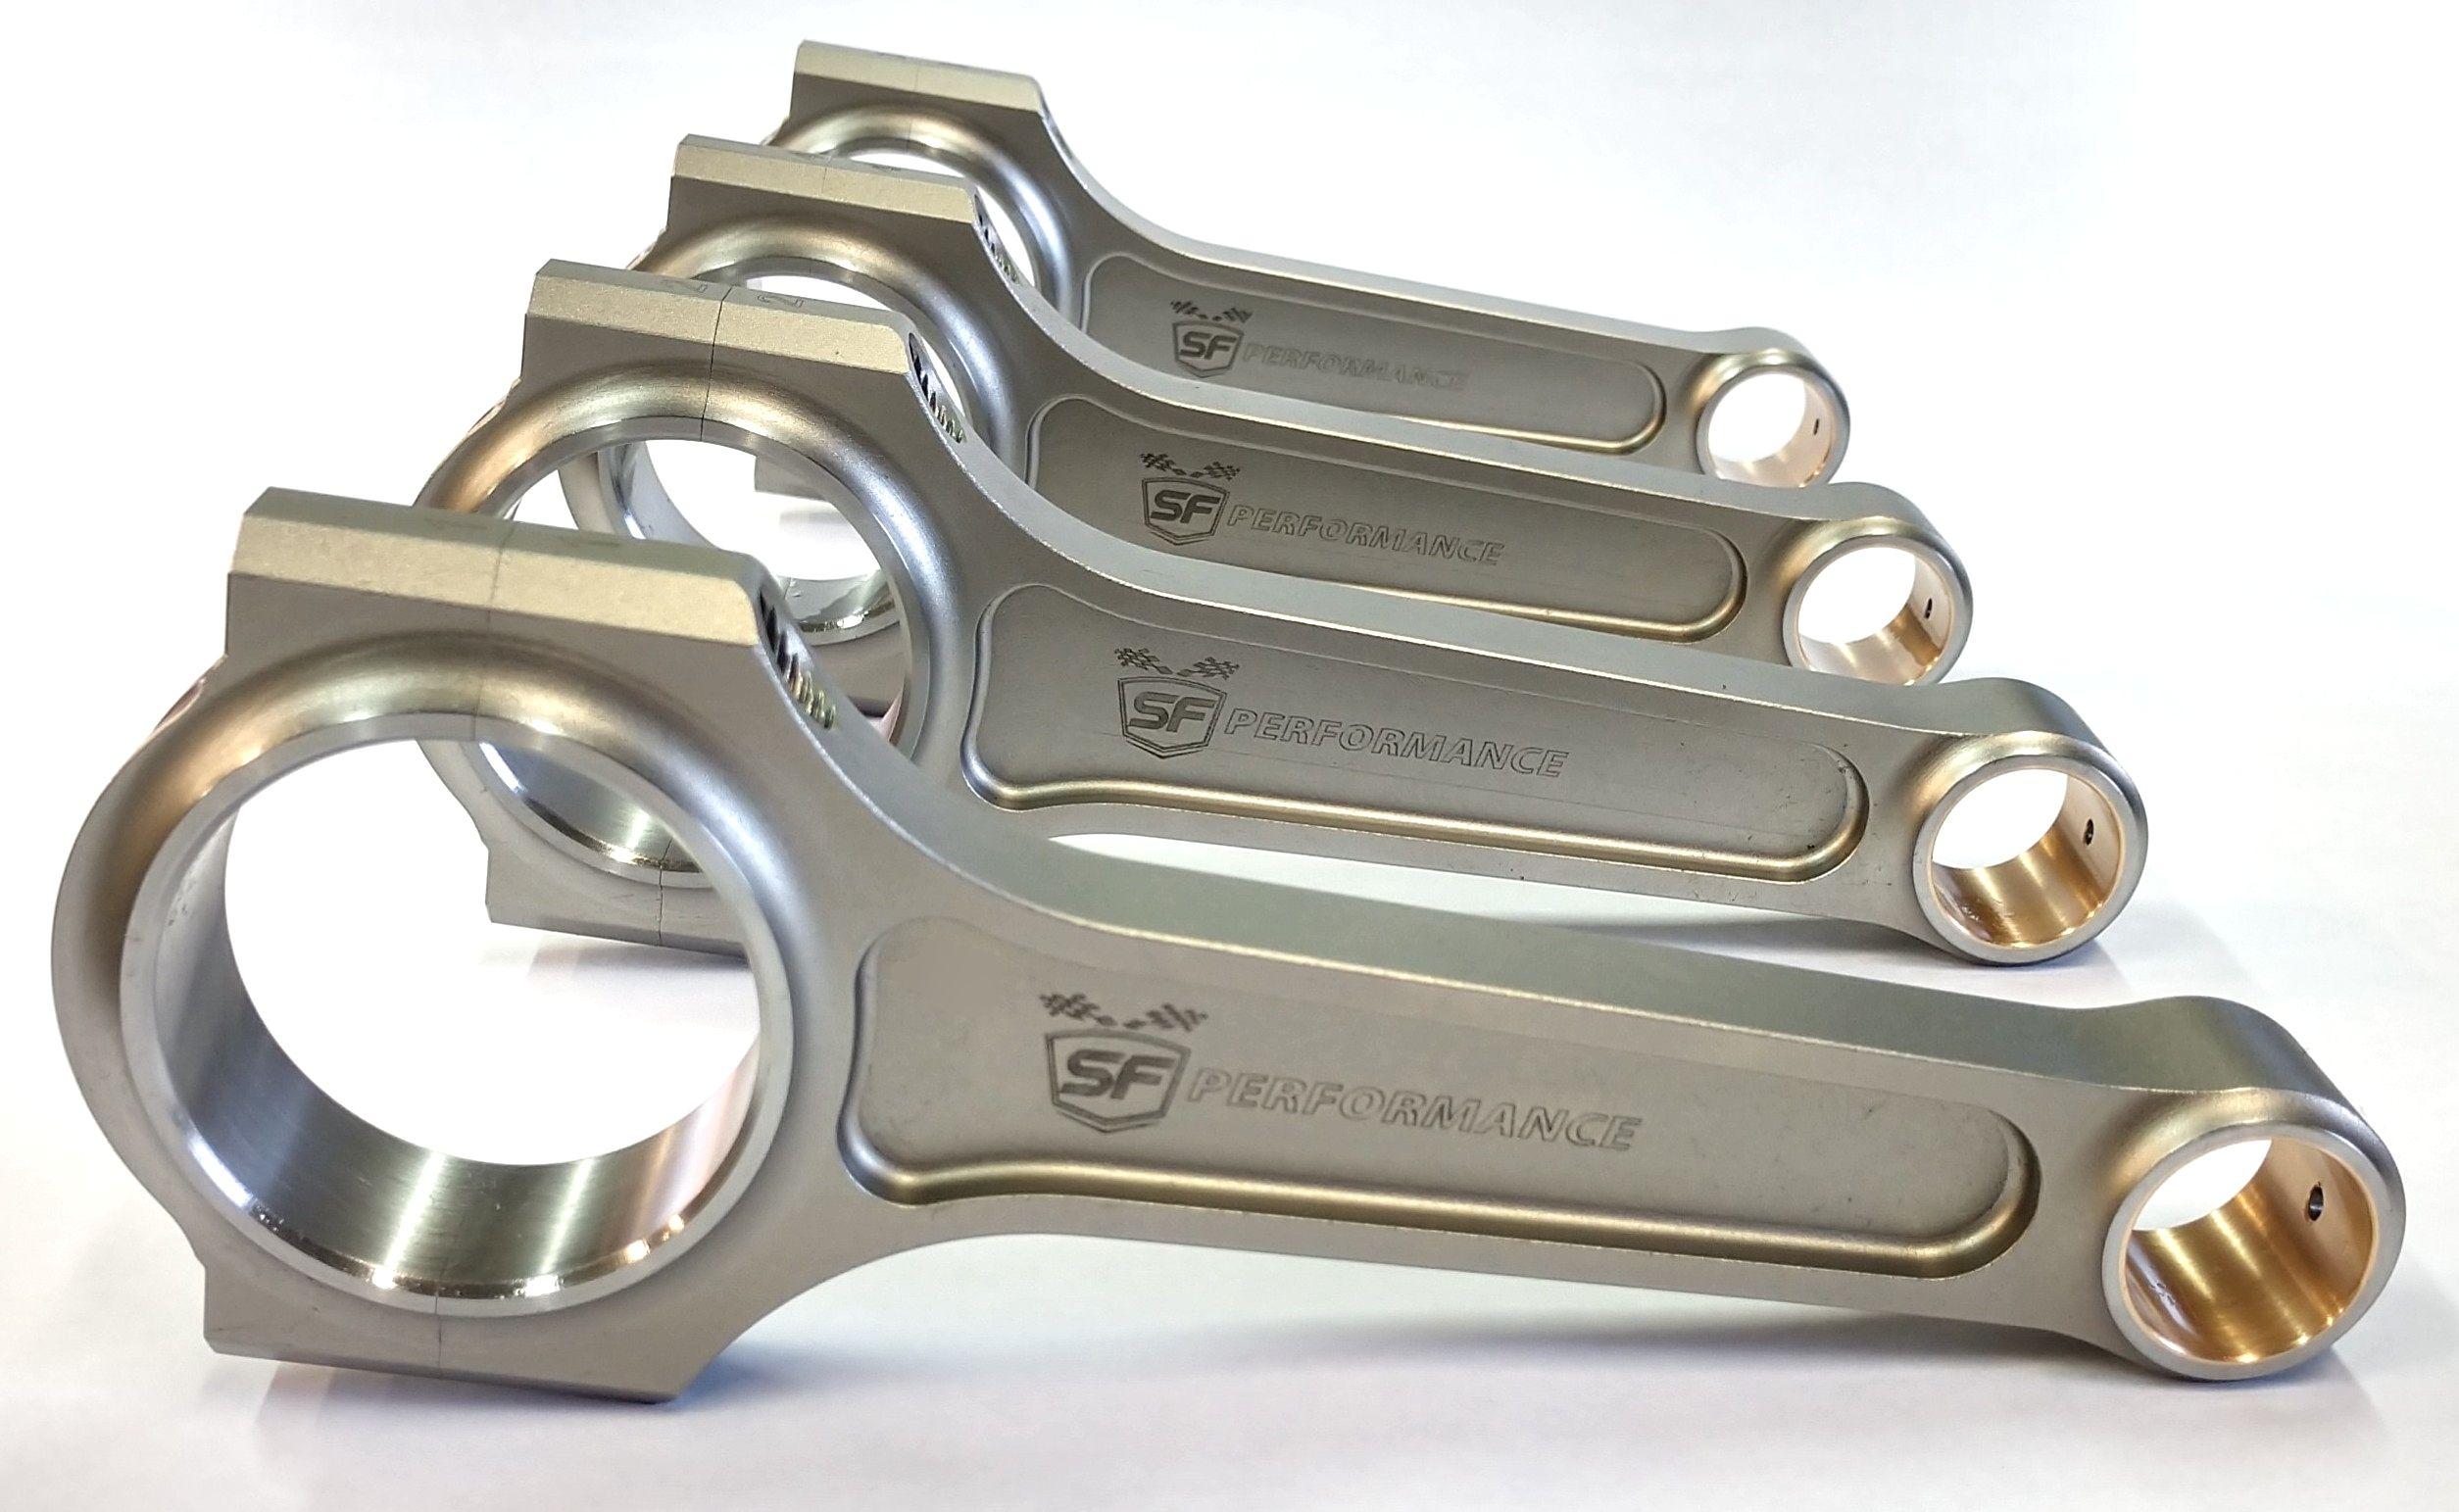 Conjunto de Biela forjada para Motor VW AP 159mm Perfil I 1.200CV pino Ø20mm